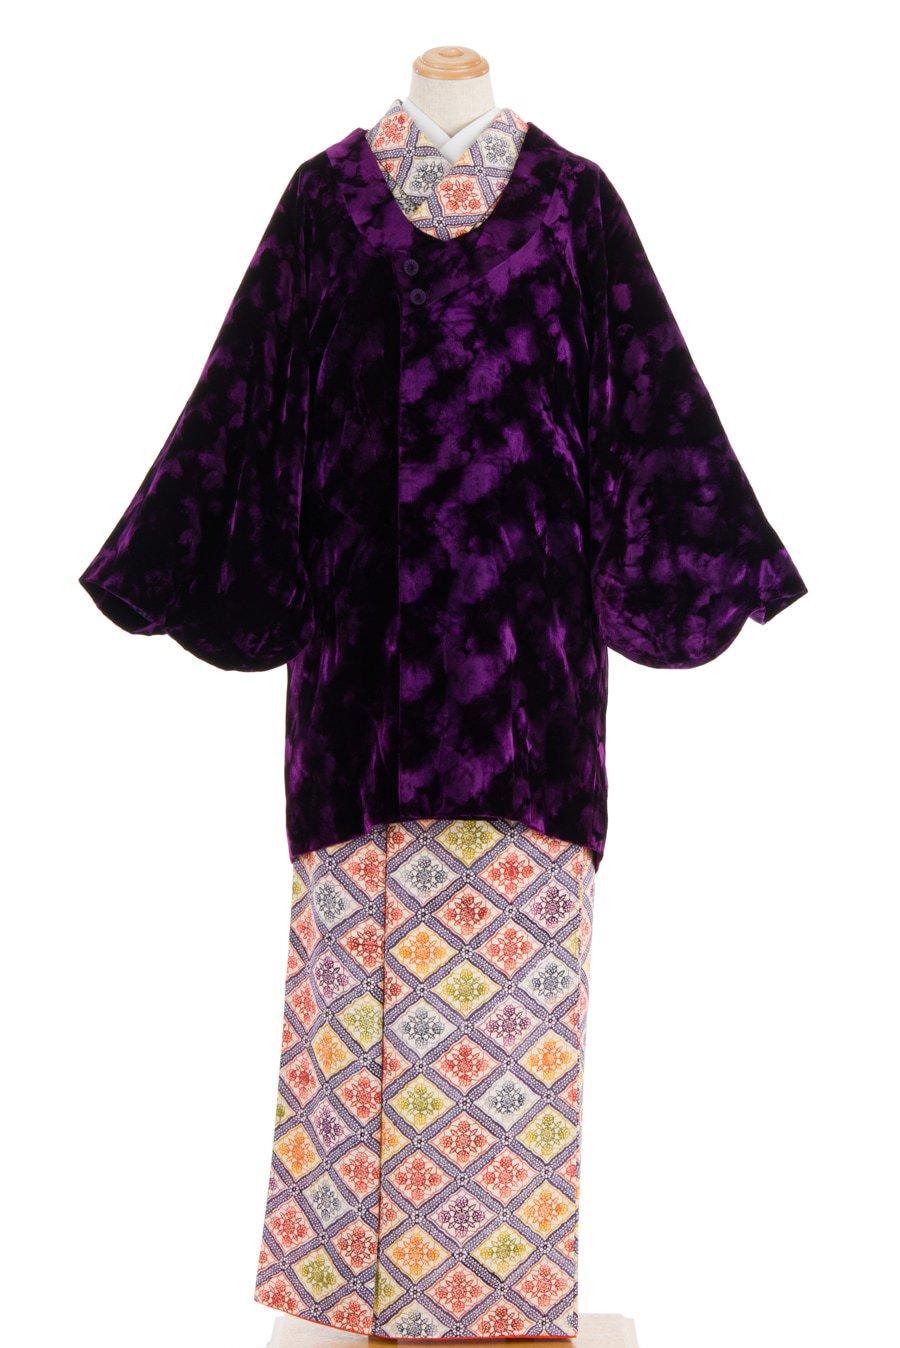 「ベルベットコート agehara 紫」の商品画像